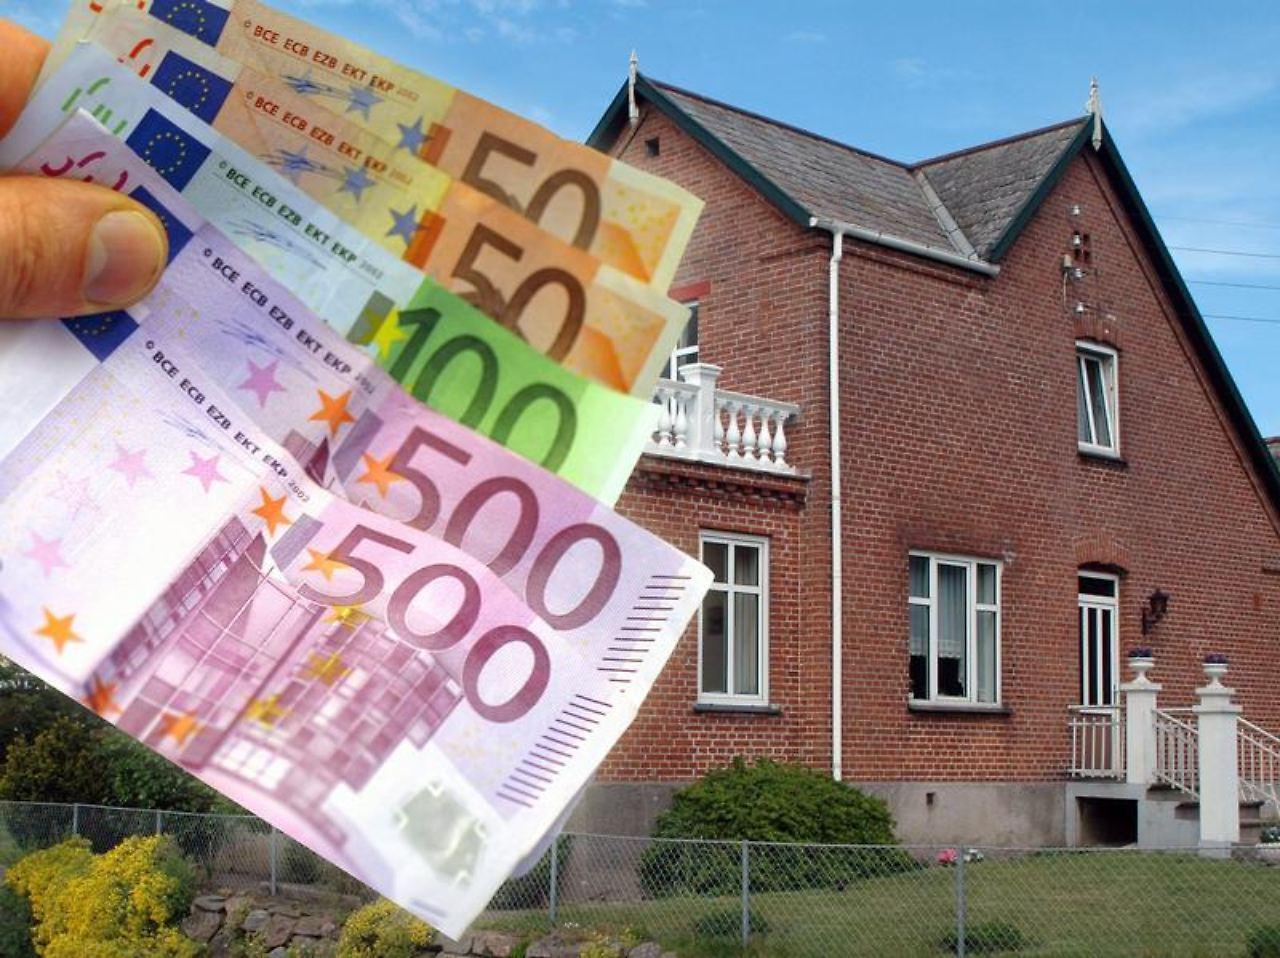 Finanzamt kennt sie schon: Tricks bei der Grunderwerbsteuer - n-tv.de